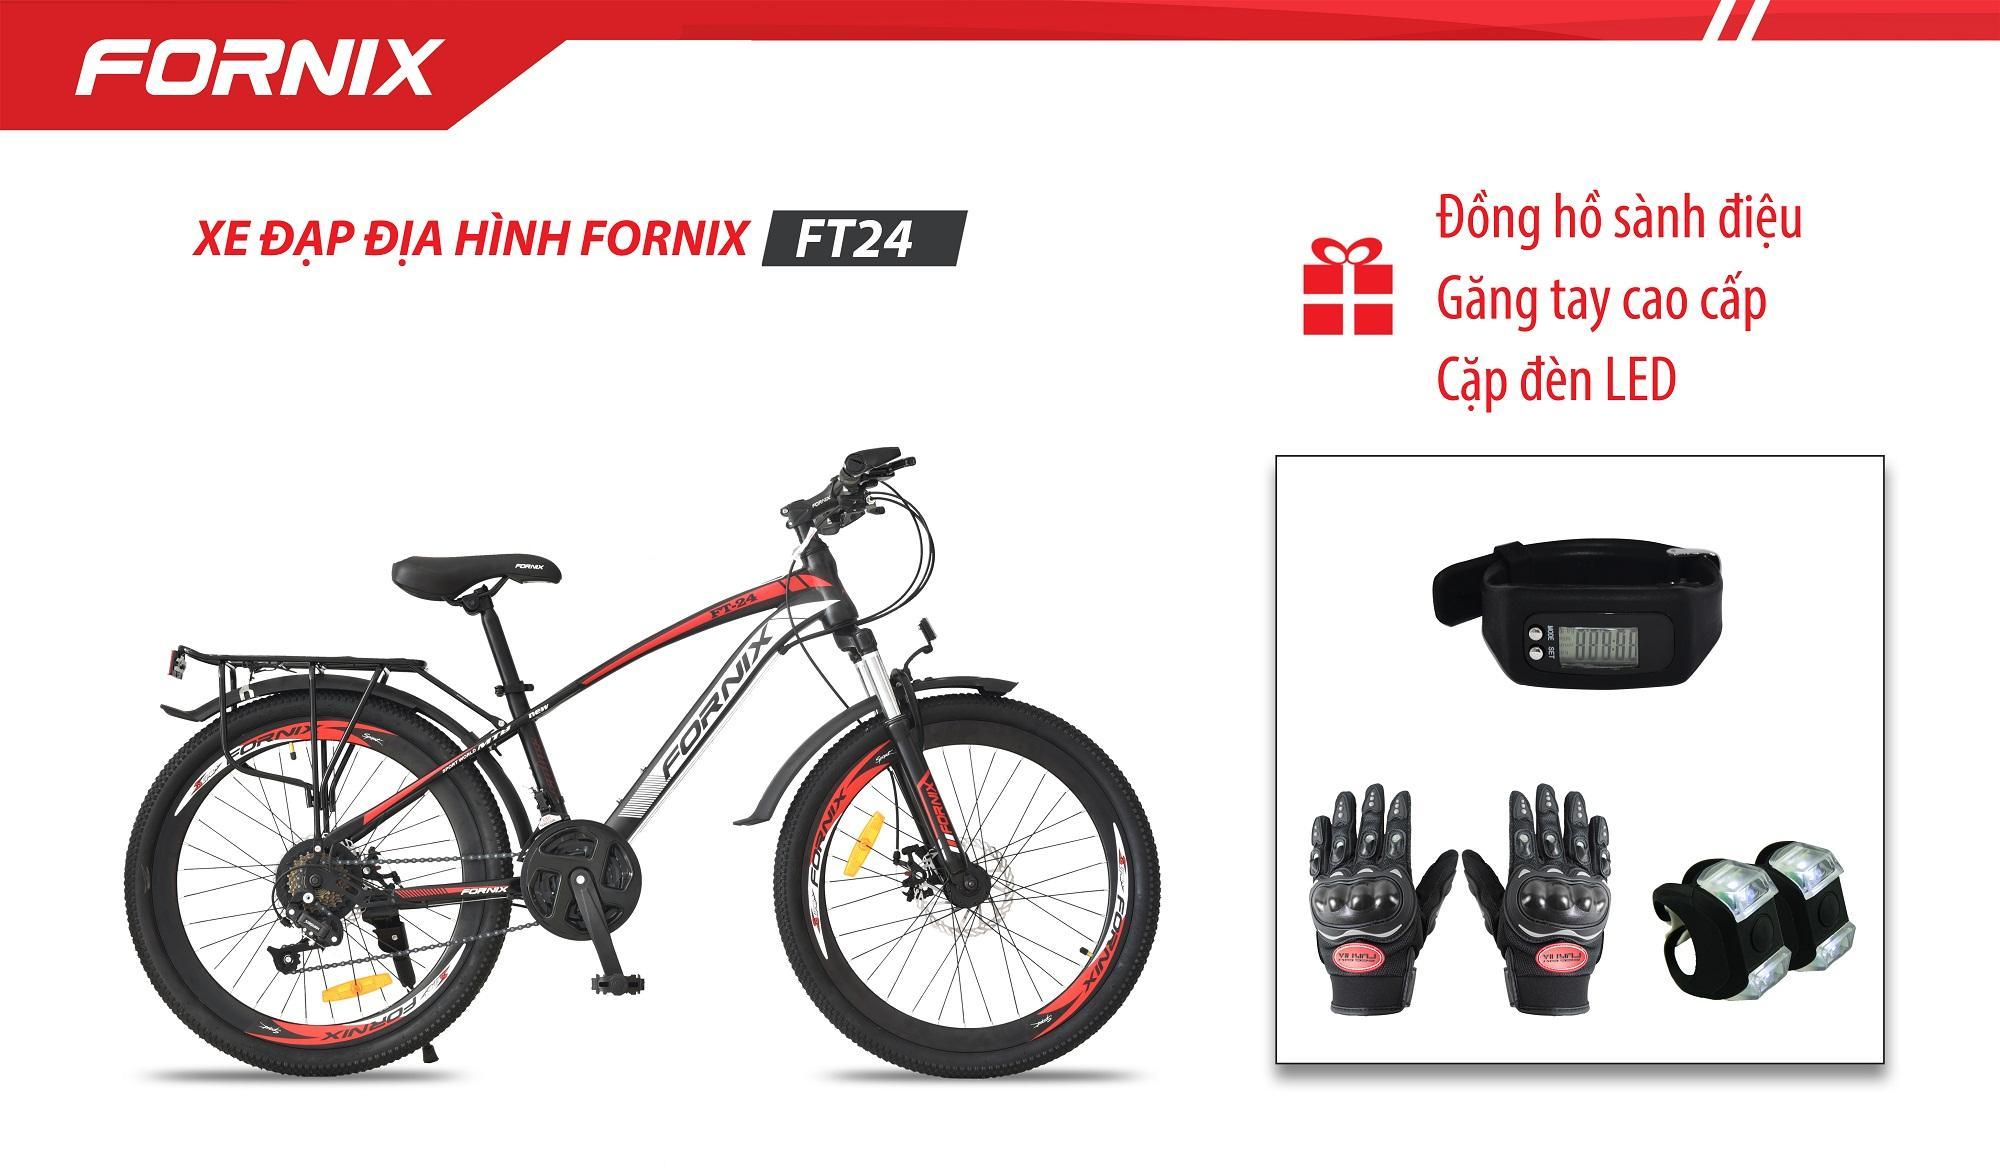 XE ĐẠP ĐỊA HÌNH FORNIX FT24+ (Gift) Cặp đèn LED, Đồng hồ đo bước đi, Găng tay